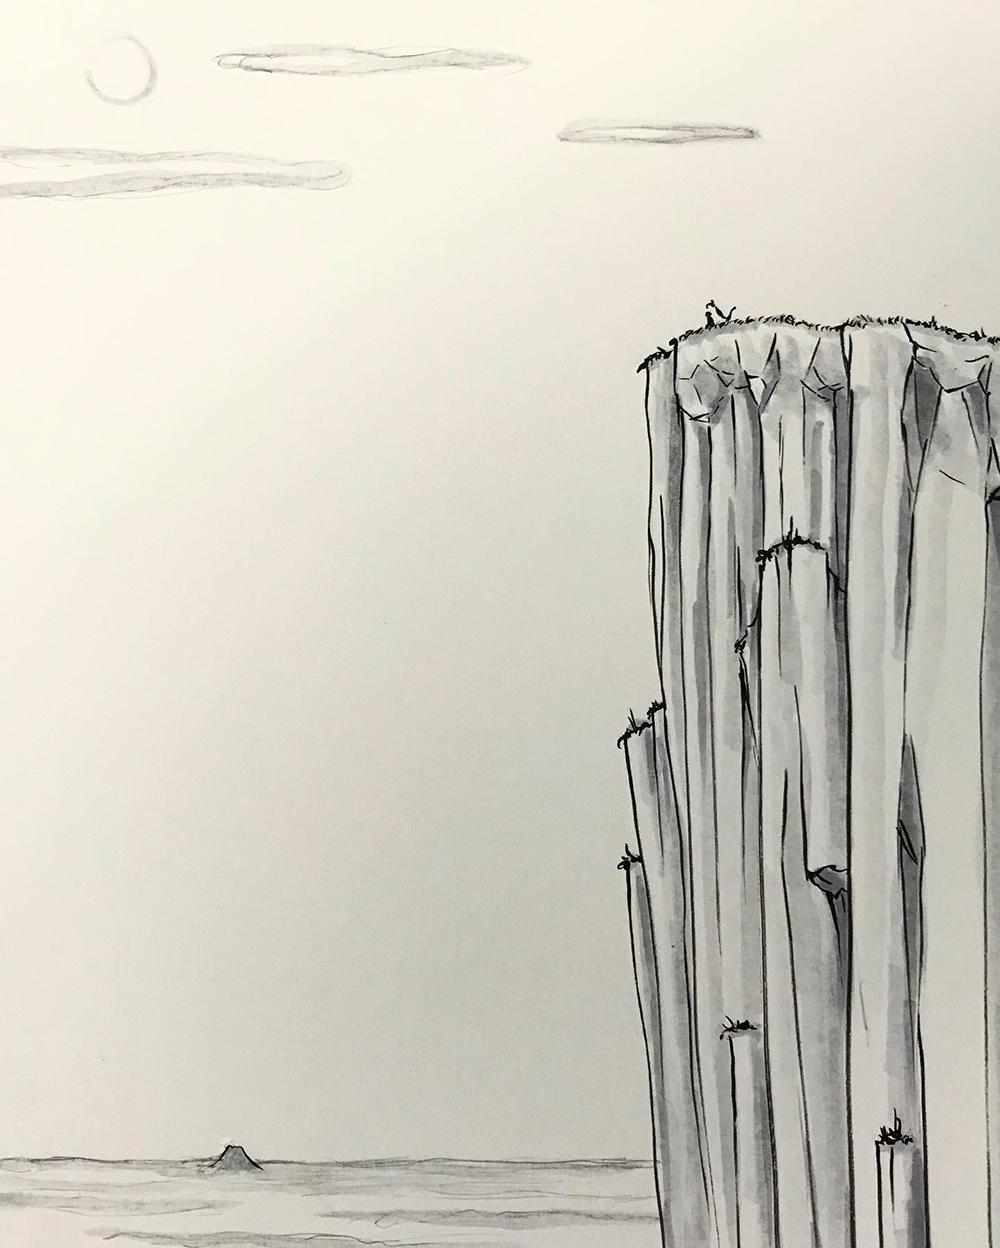 崖の上の黒葉と大猫 KARASU